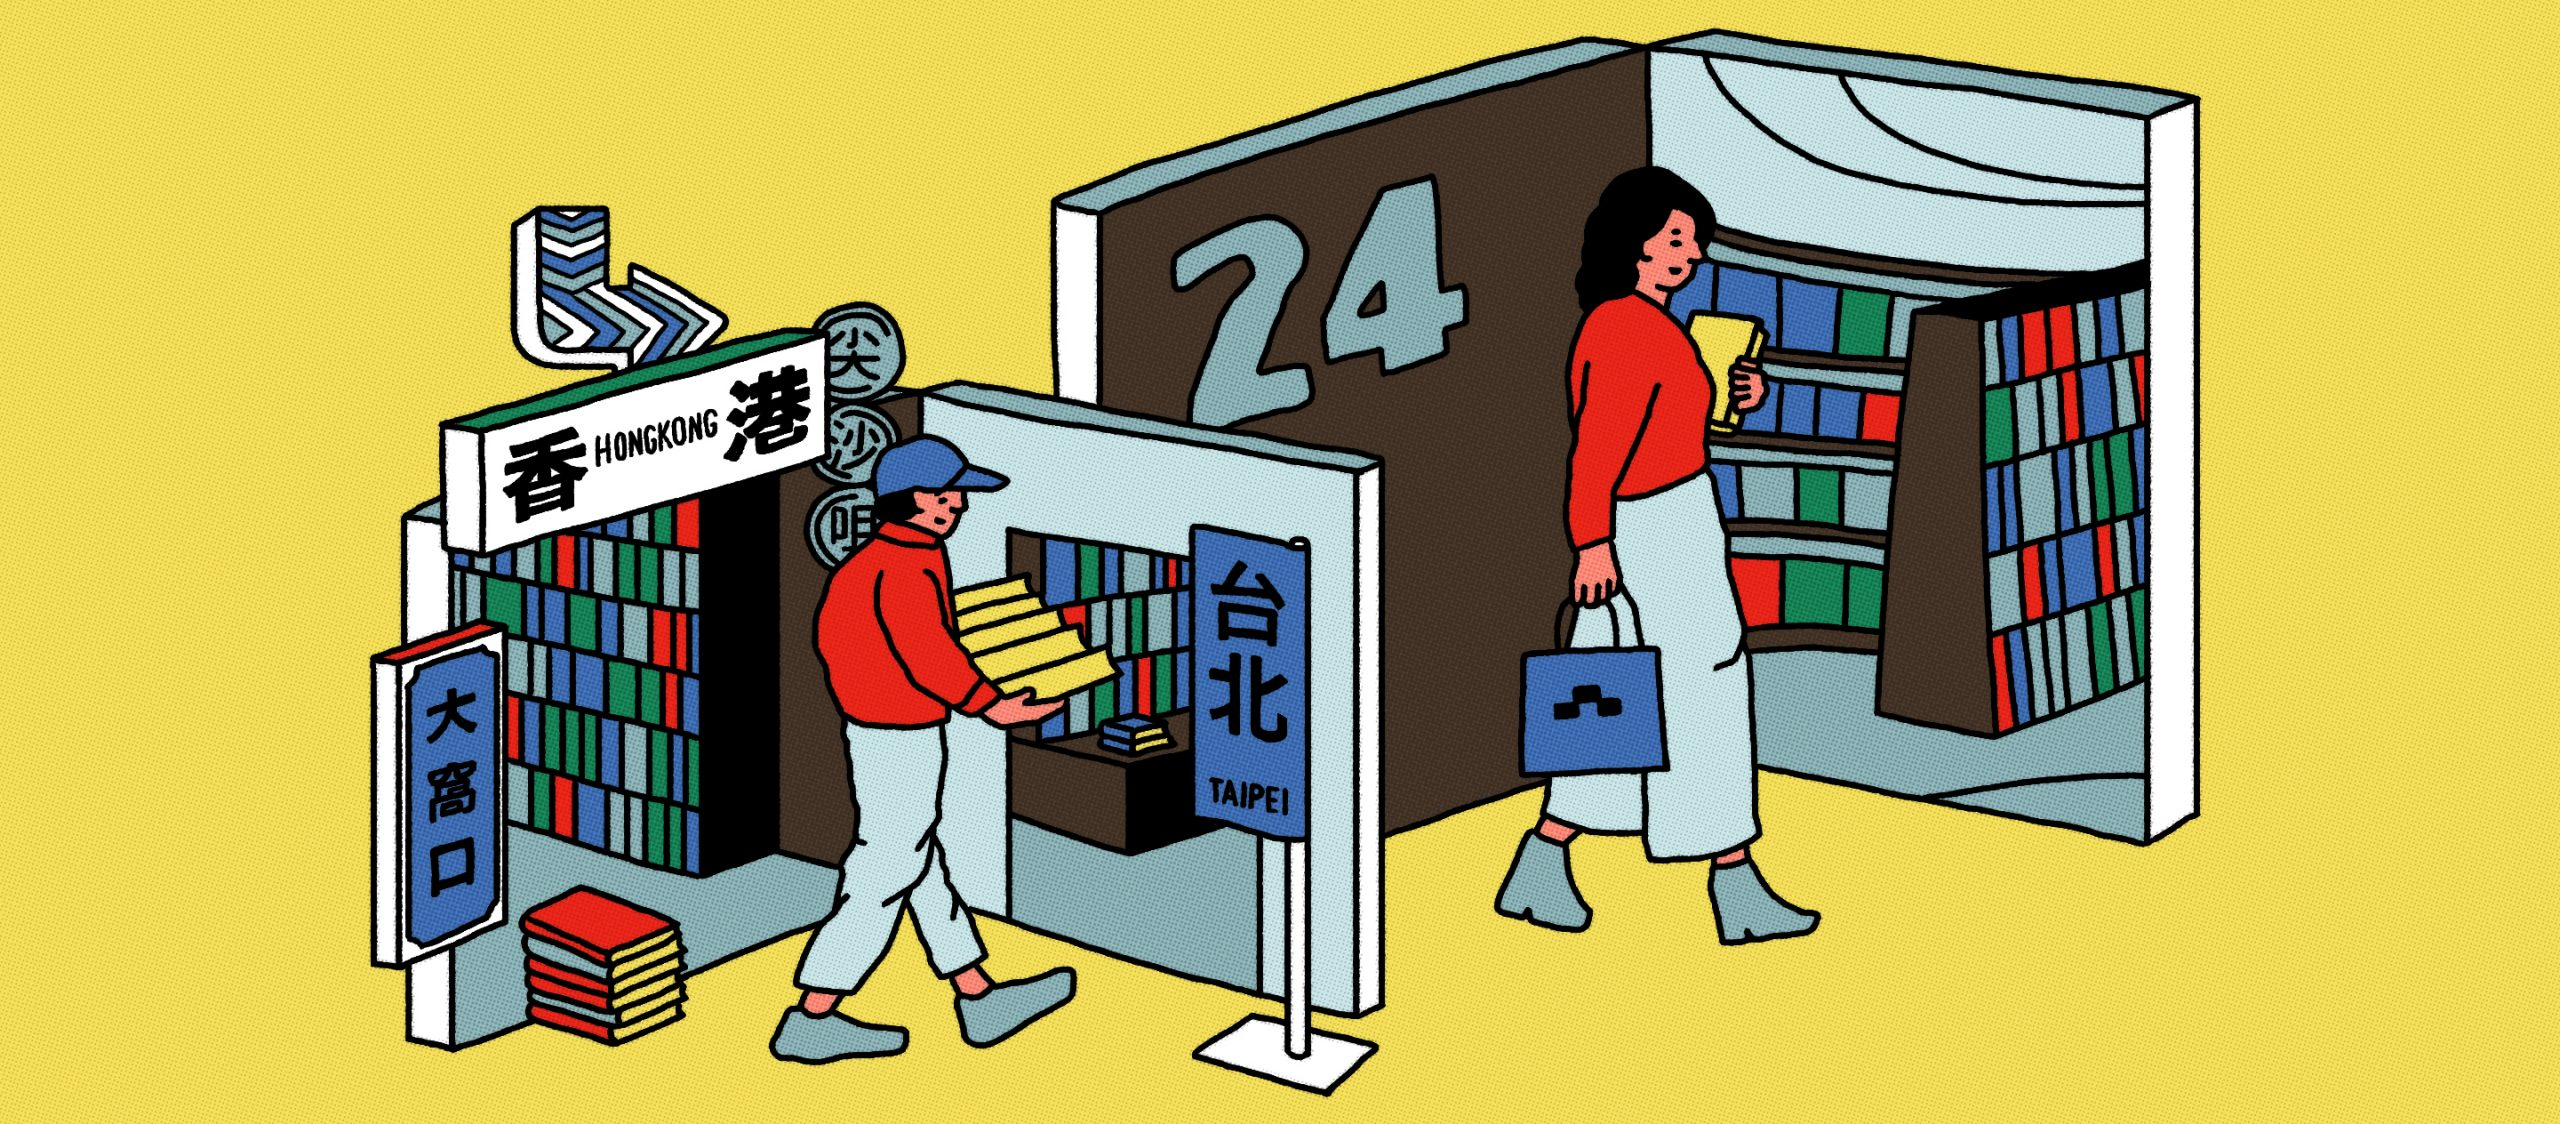 บ้างคึกคัก 24 ชั่วโมง บ้างปิดตัวแล้วเปิดสาขาใหม่ อัพเดตข่าวสารวงการร้านหนังสือไต้หวัน